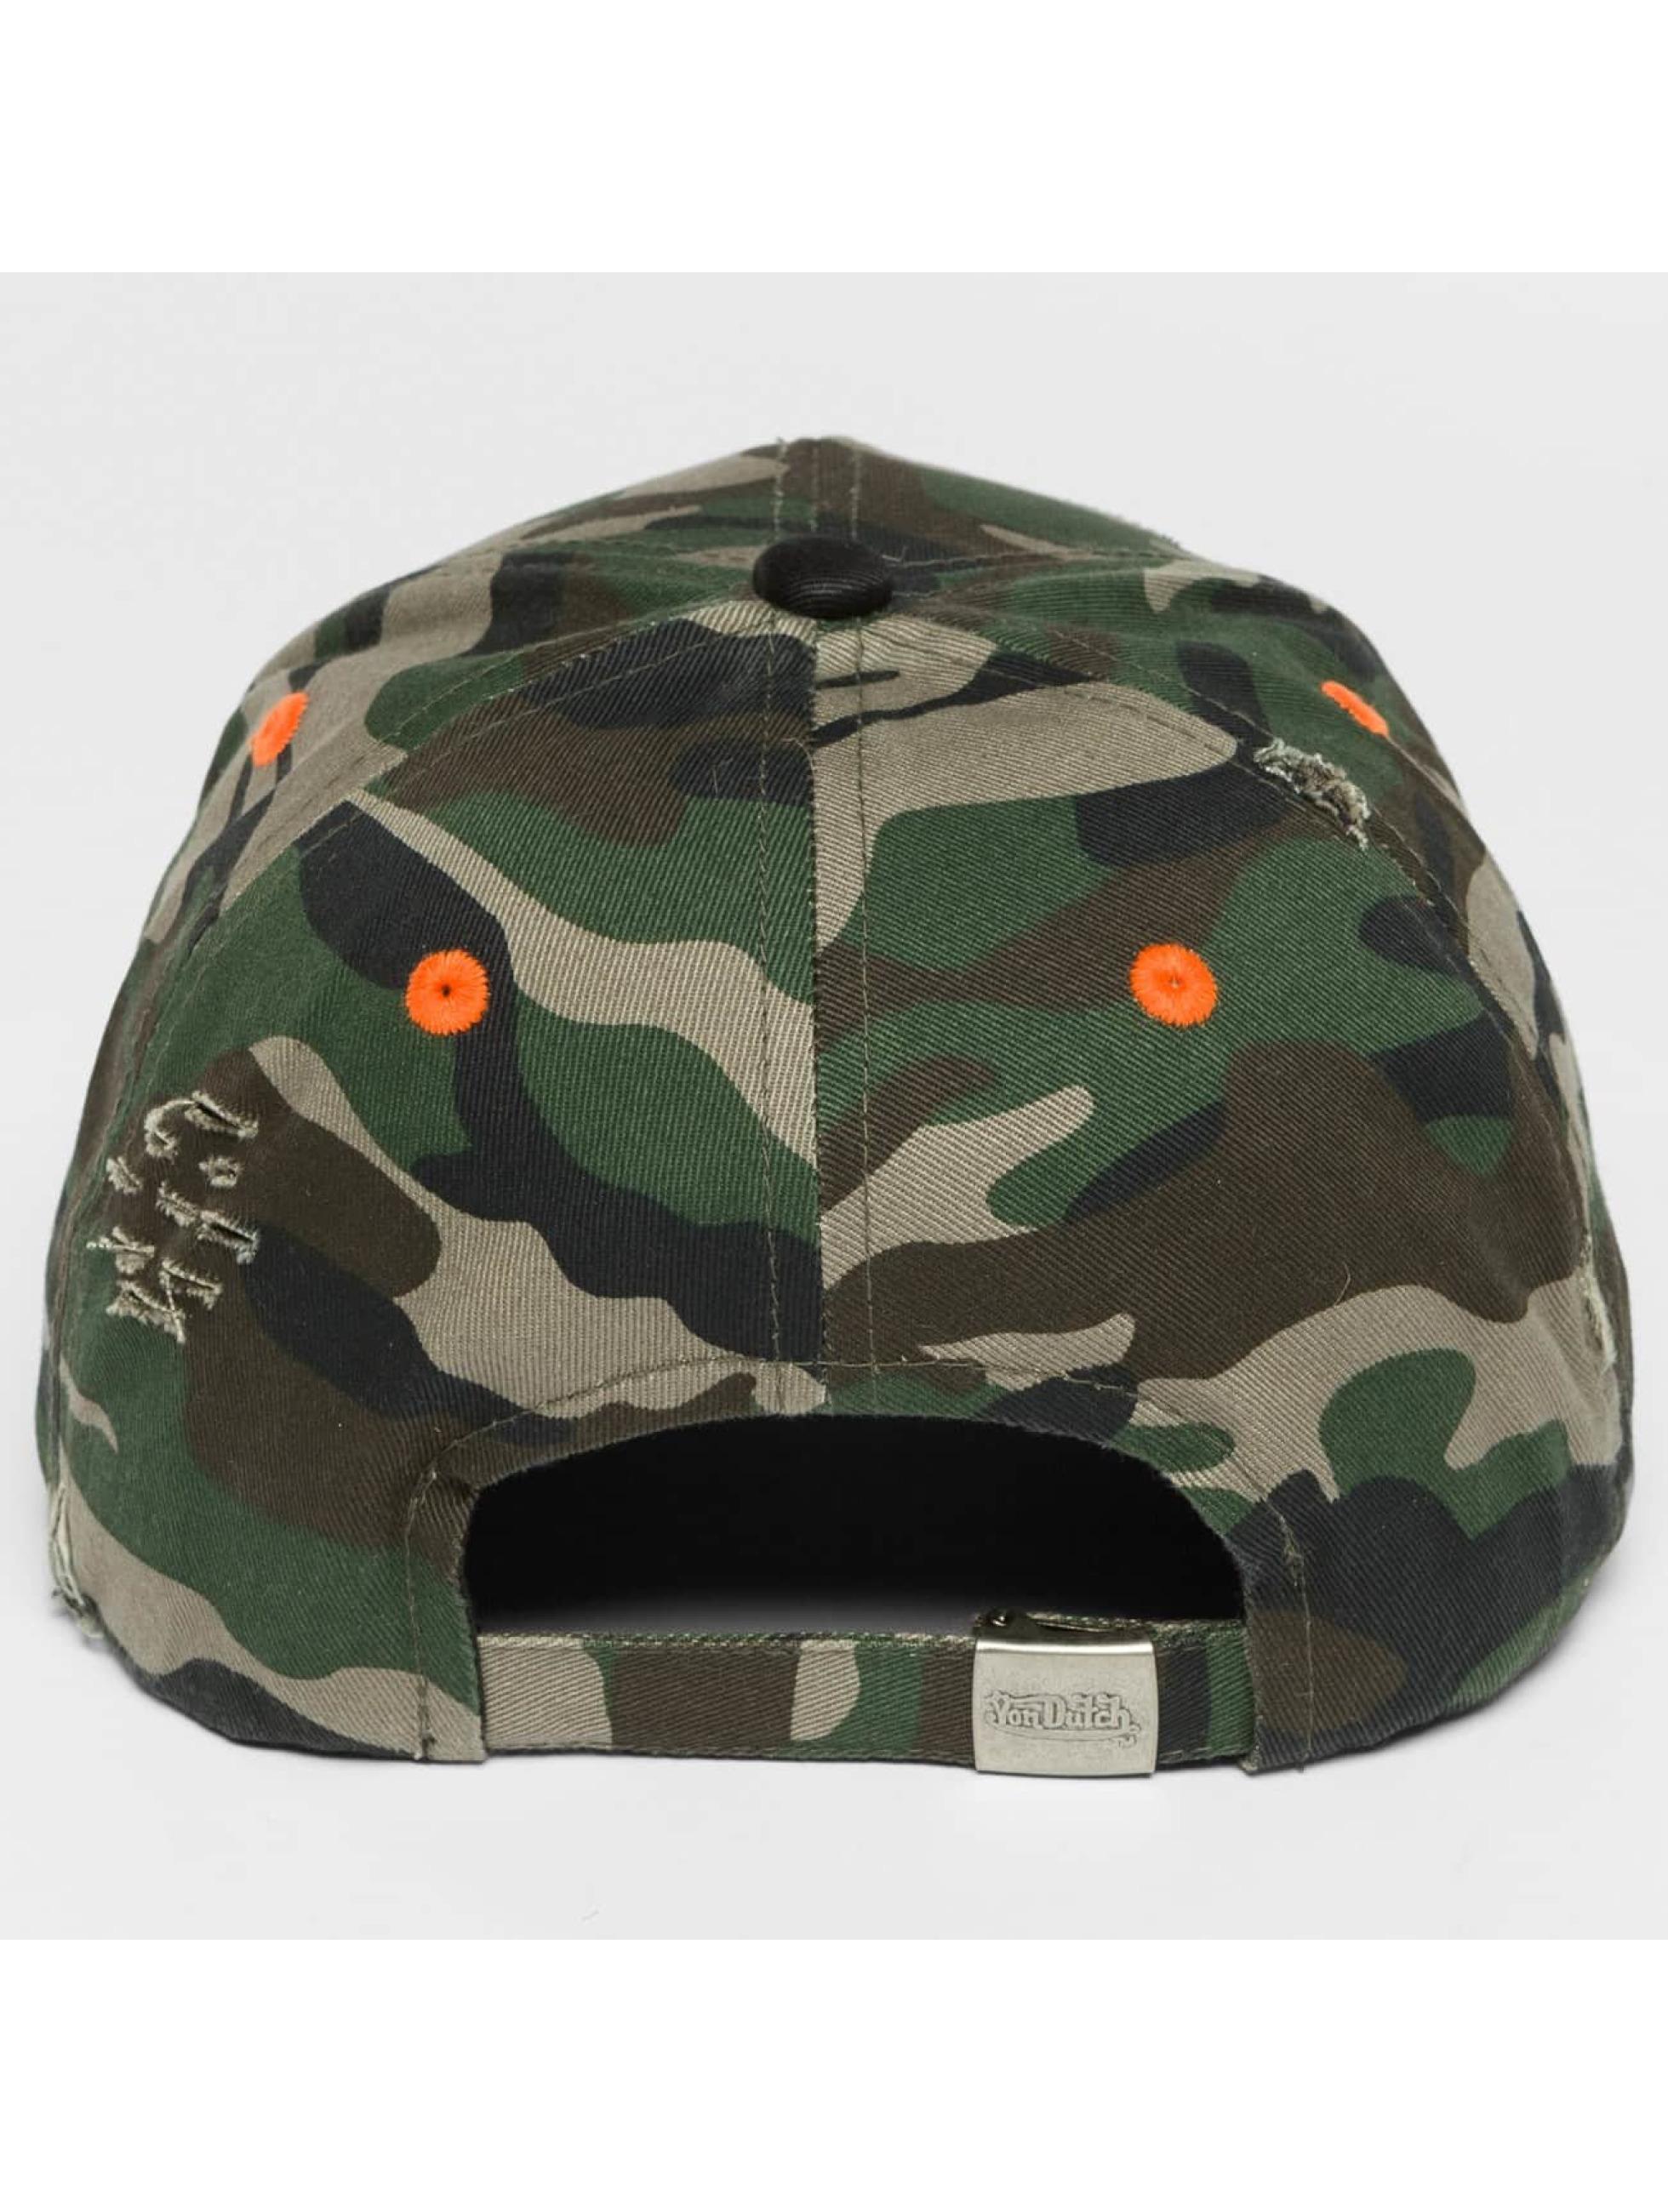 Von Dutch snapback cap Camo Destroyed camouflage